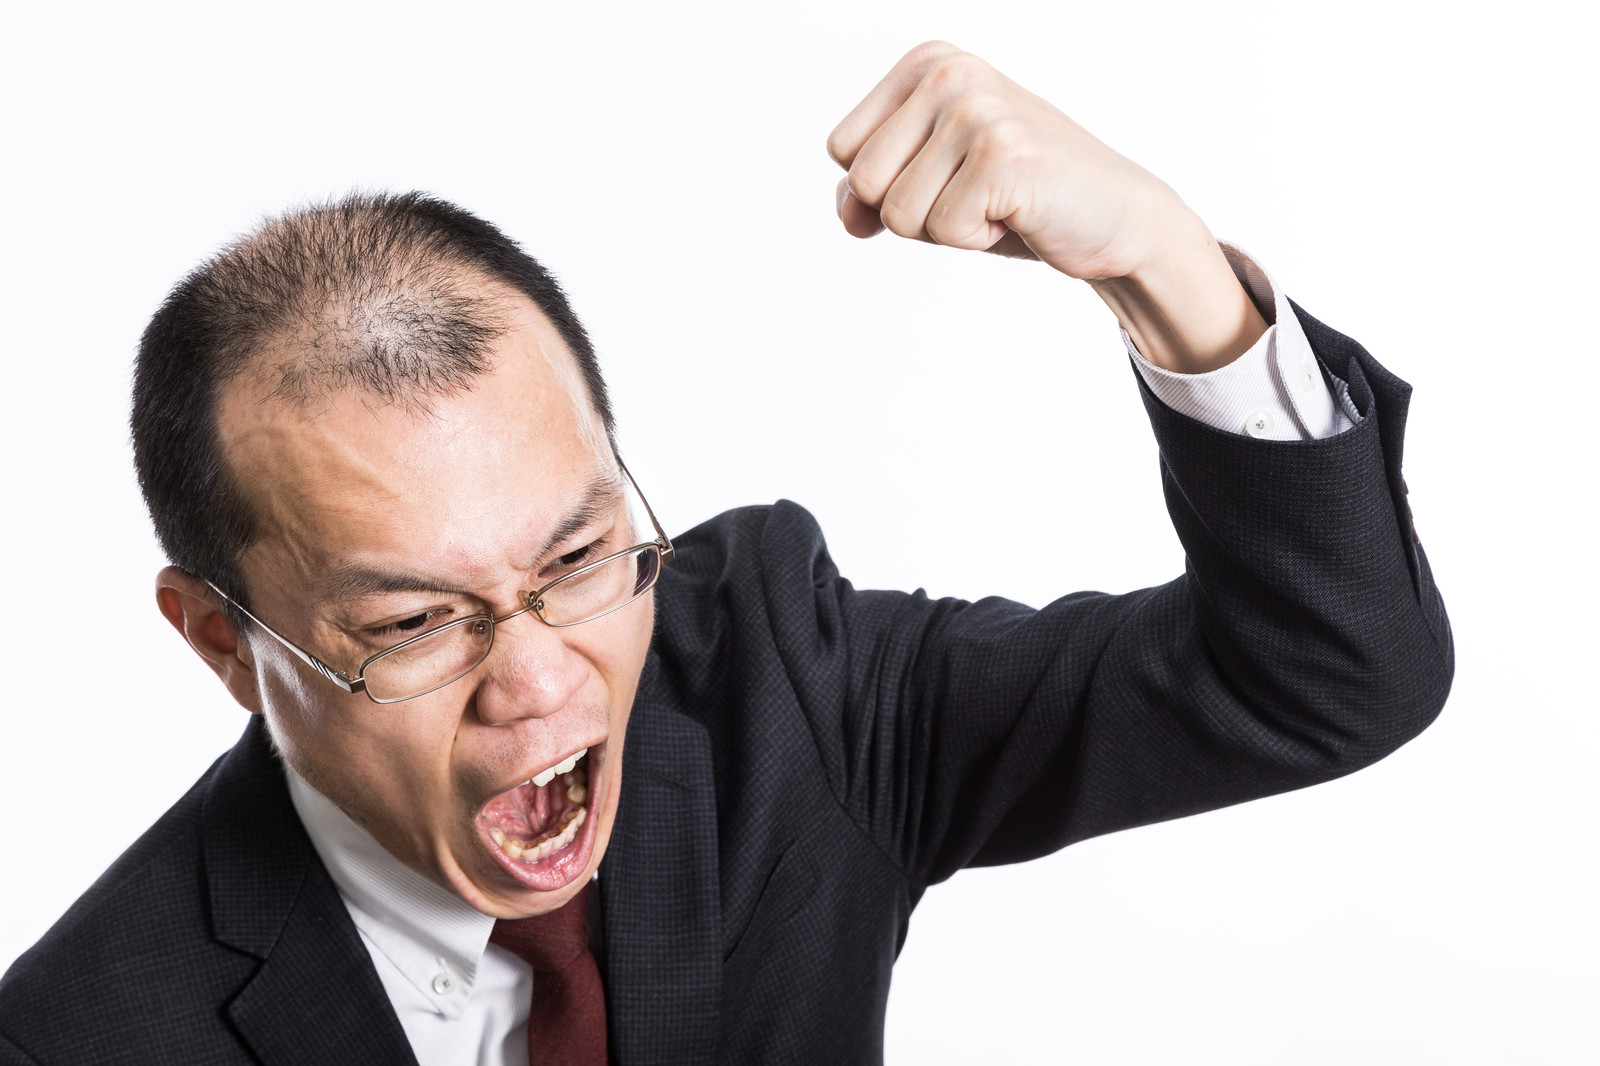 「怒鳴り散らしてこぶしを振り上げるハゲリーマン」の写真[モデル:サンライズ鈴木]